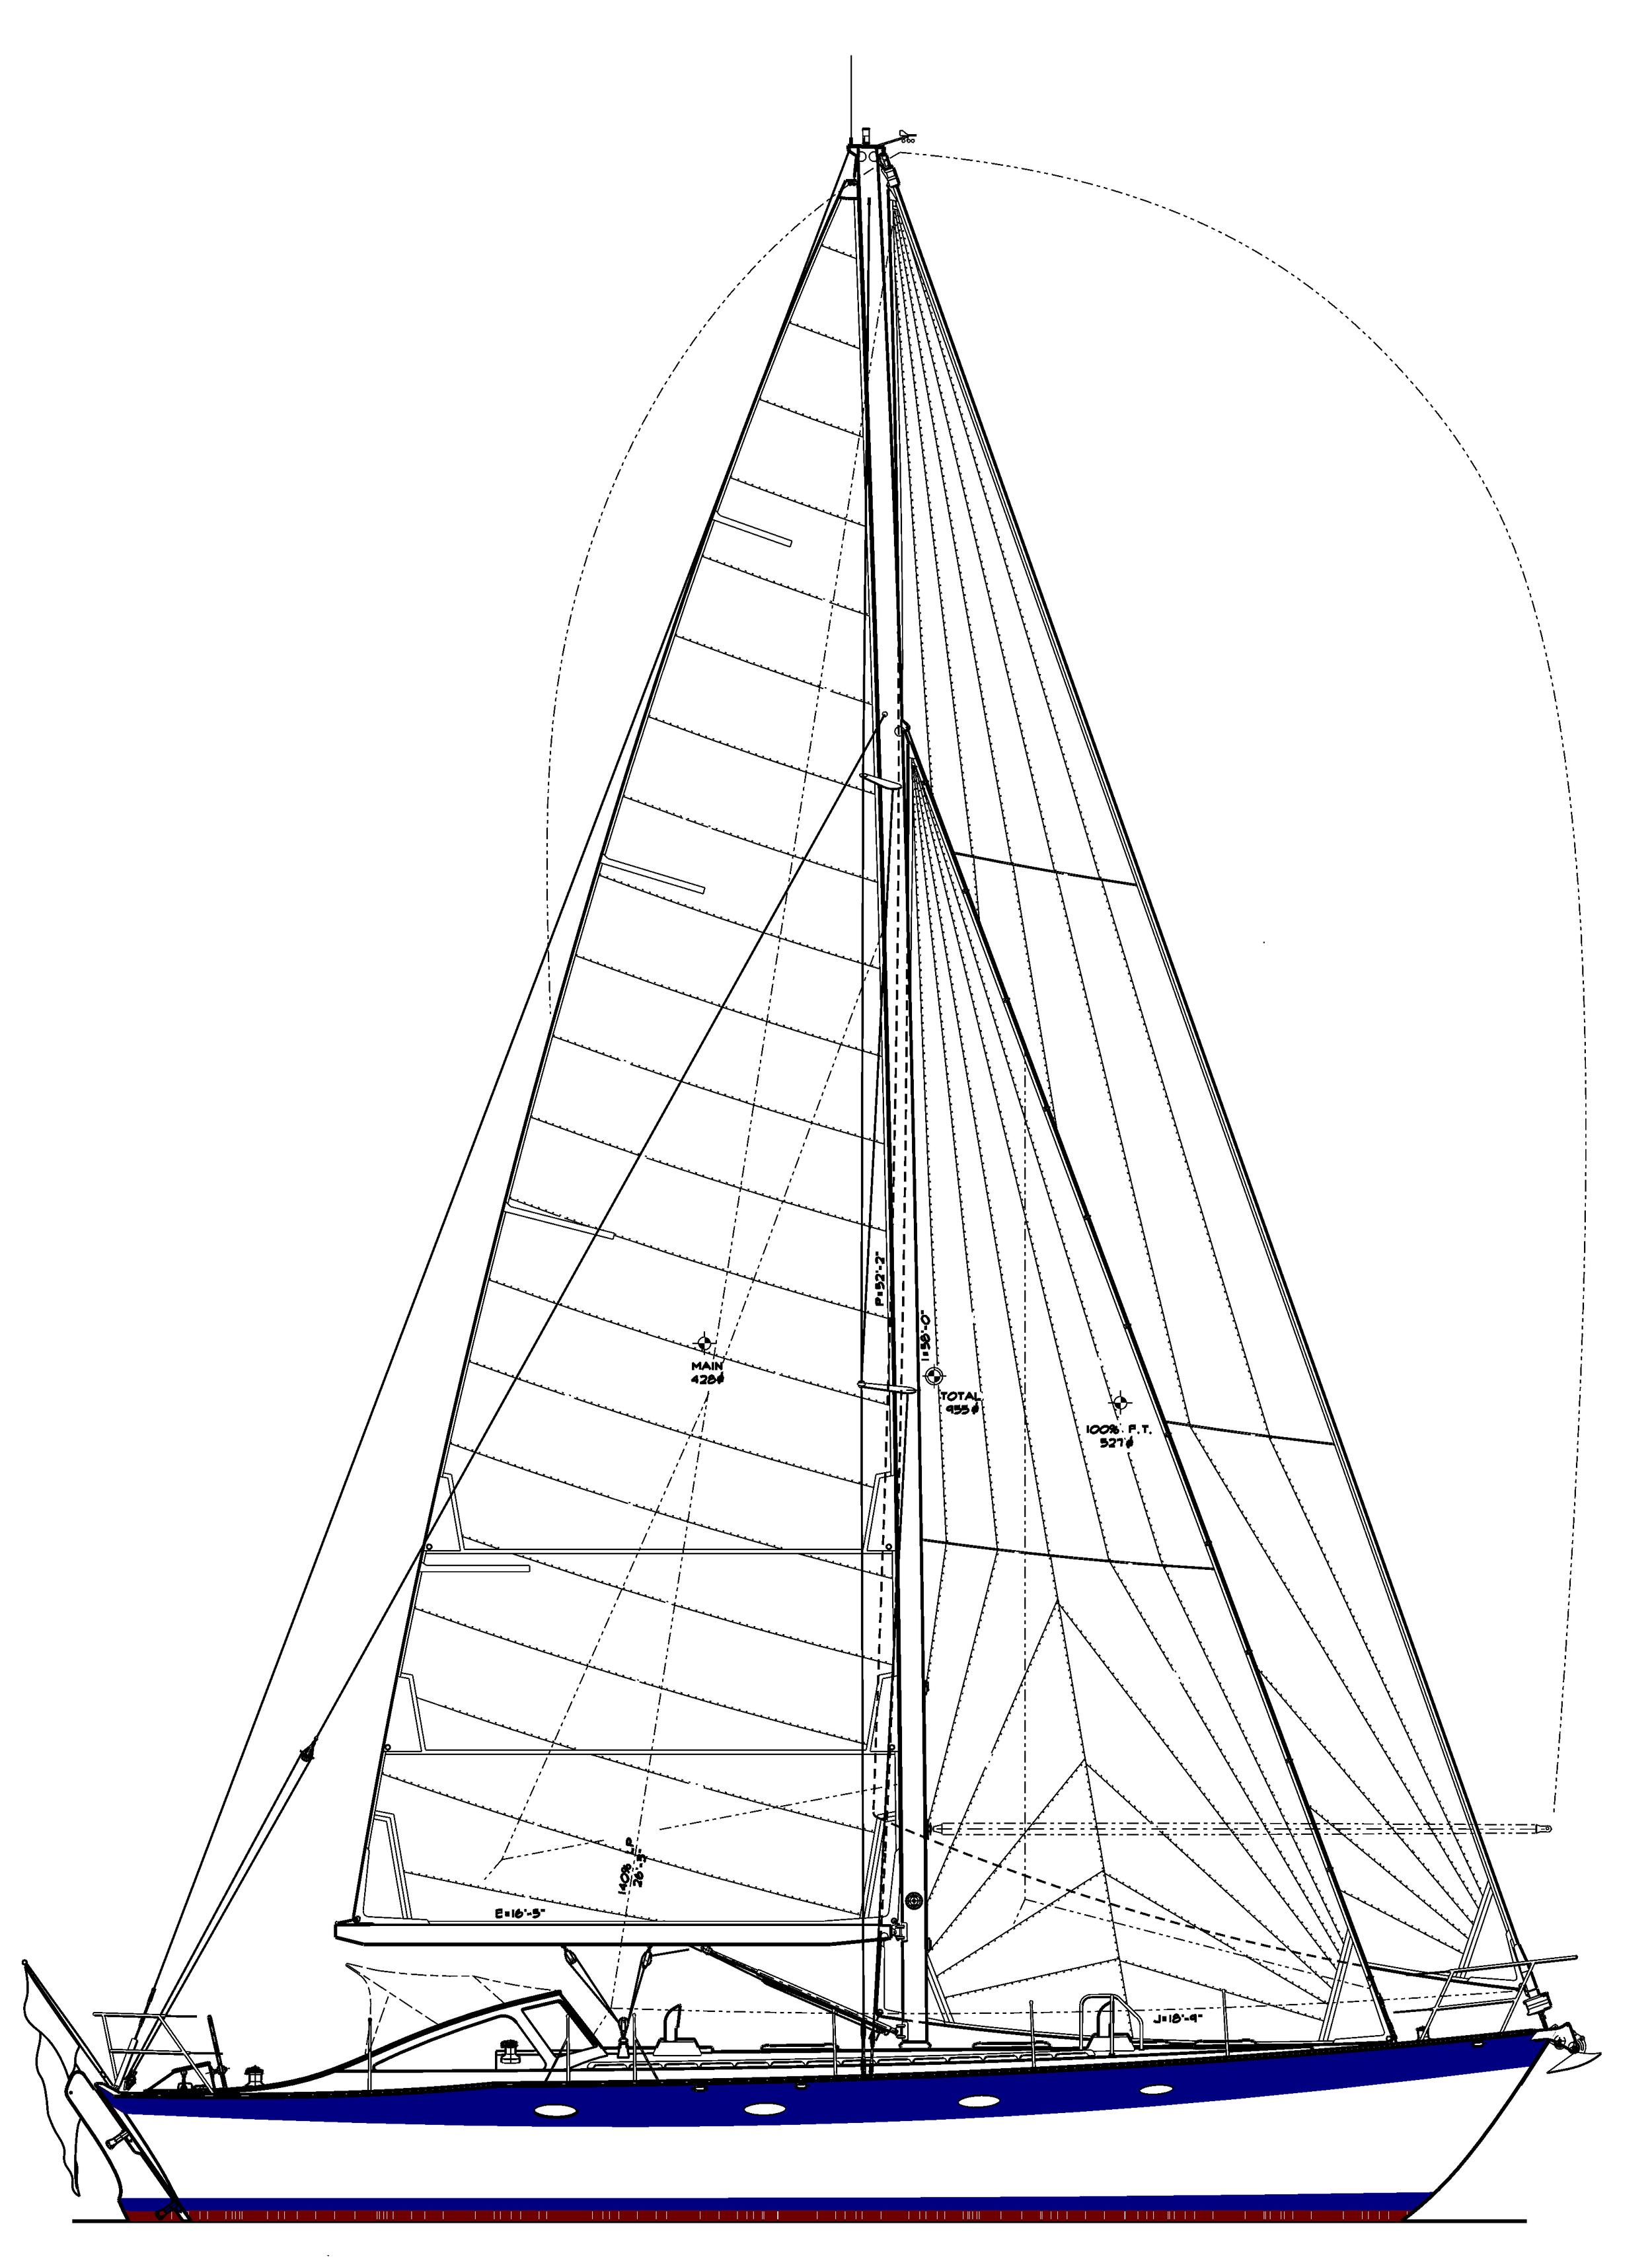 gusto_sail_plan.png